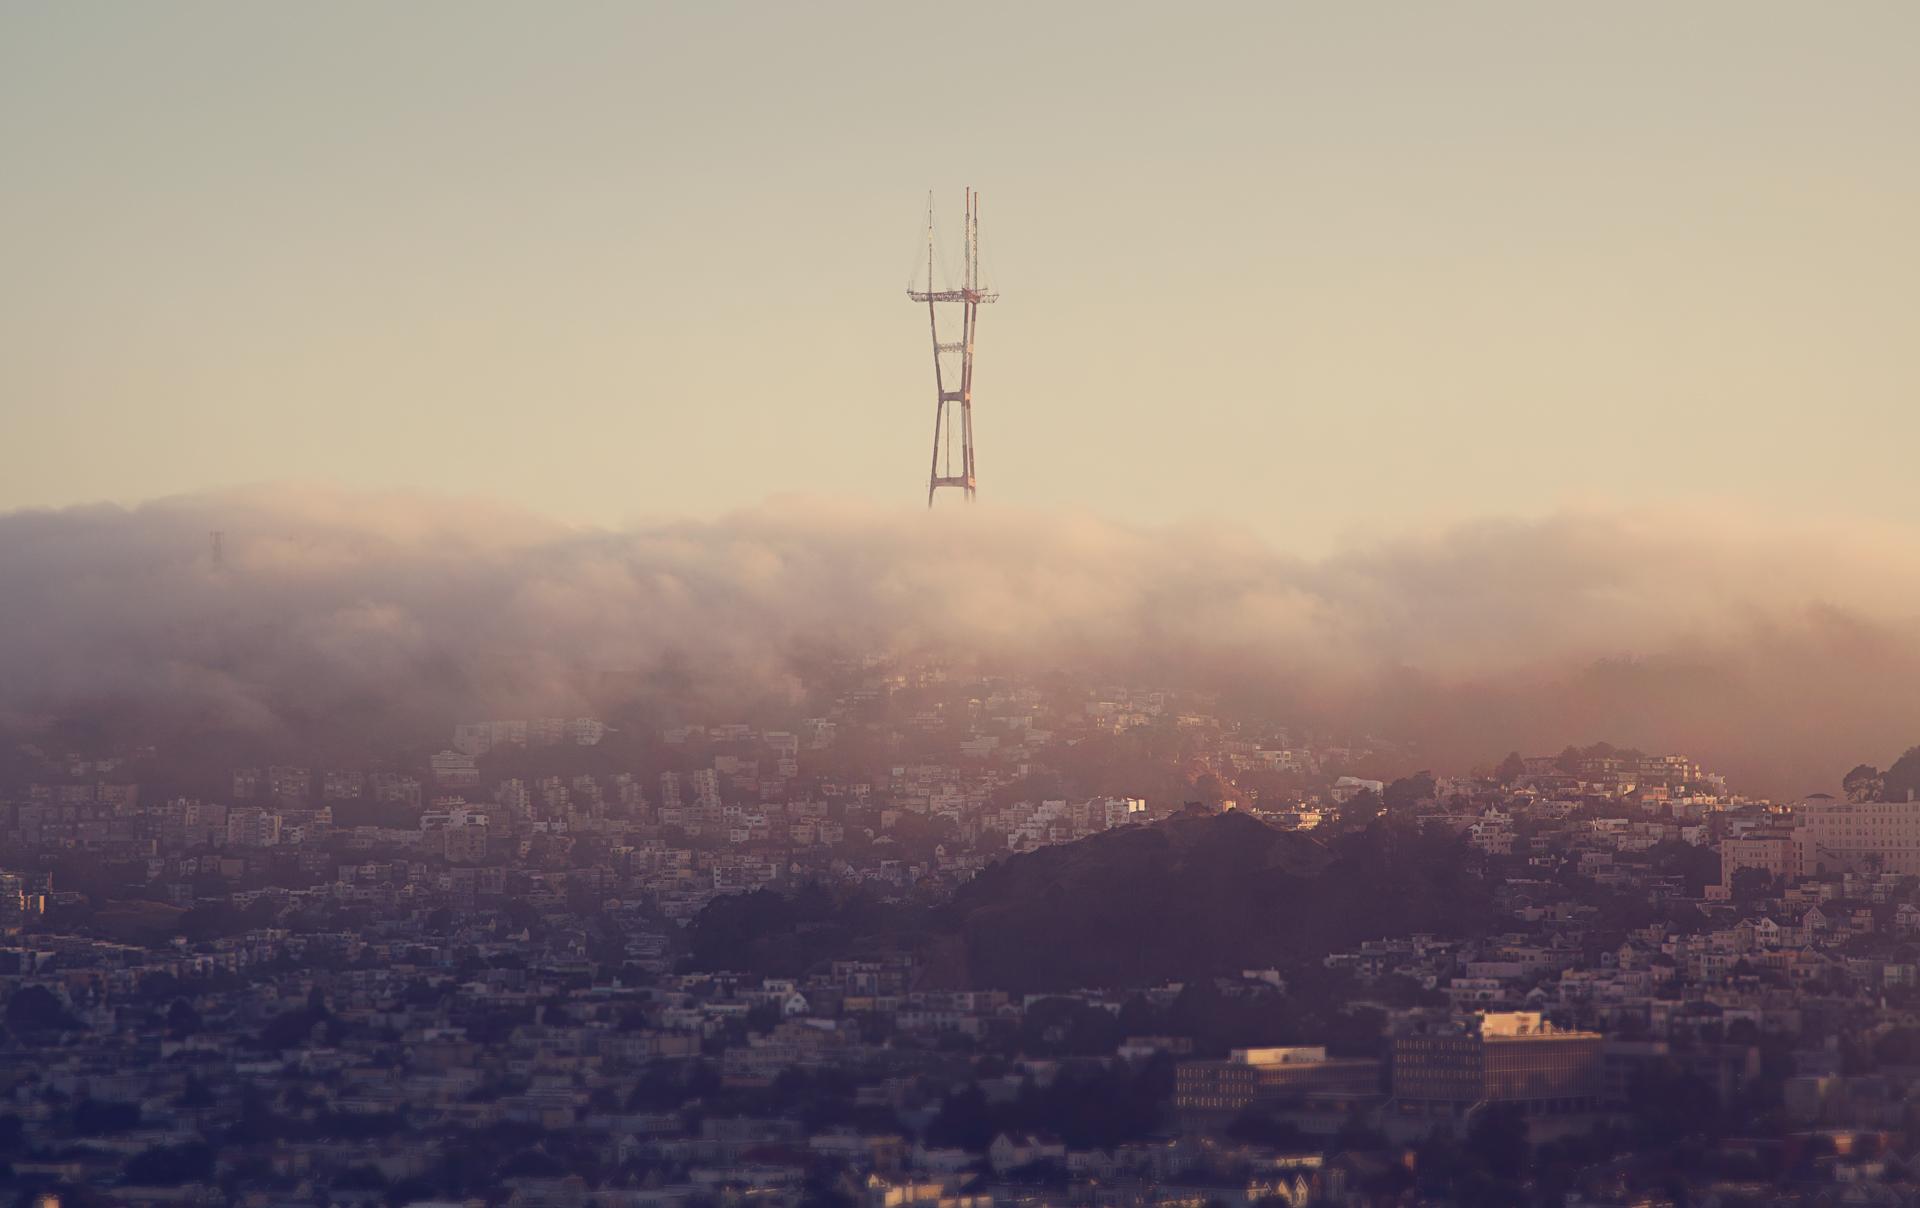 tower-on-top-of-hill-san-francisco-patrick-sanders.jpg